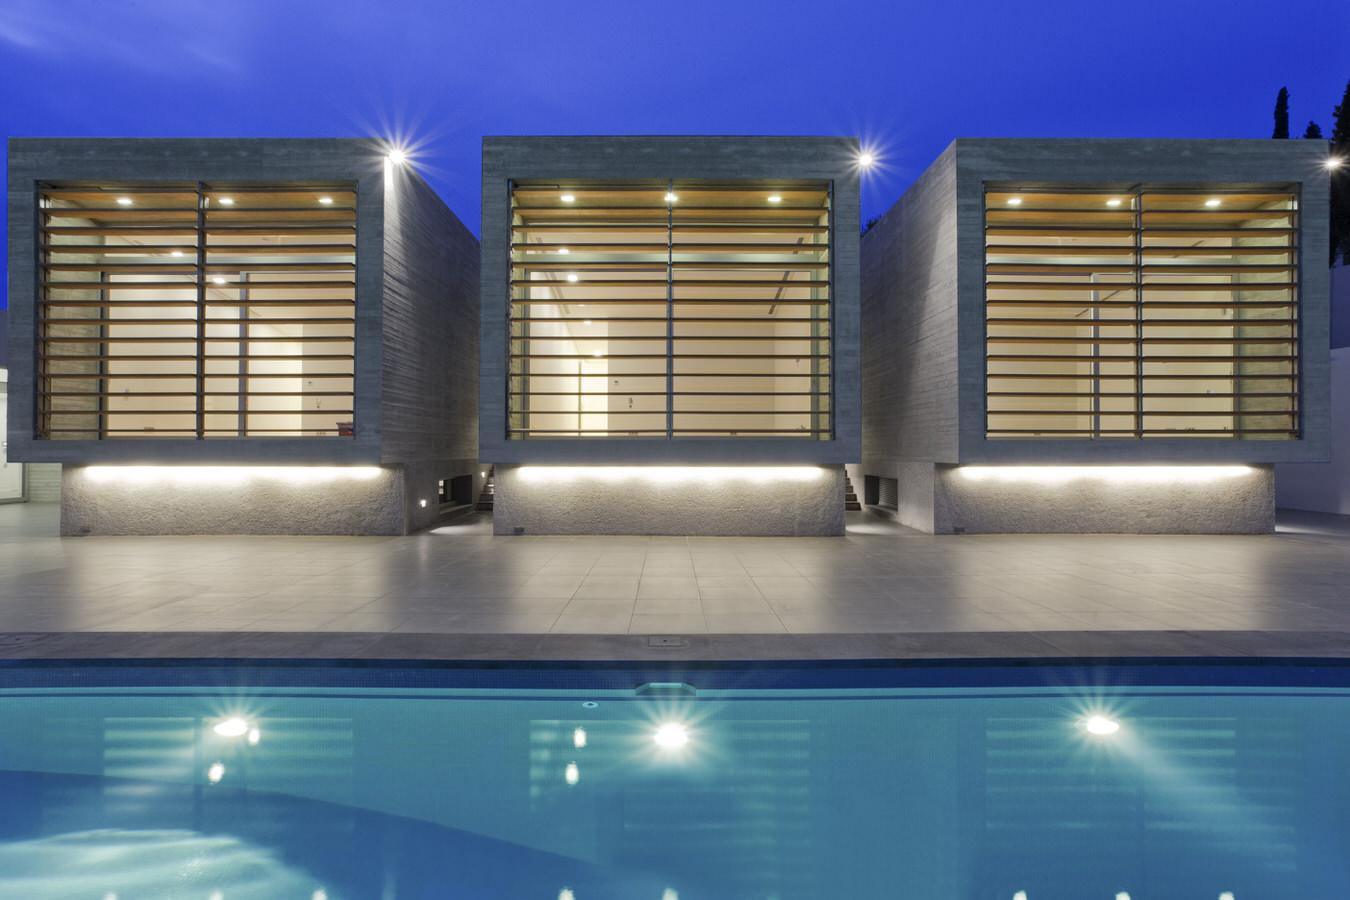 RESIDENCE IN KAVOURI, Γιώργος Φάκαρος - Αρχιτεκτονική Φωτογραφία | Εσωτερικοί Χώροι | Φωτογραφία Ξενοδοχειών - Photography / Φωτογραφία